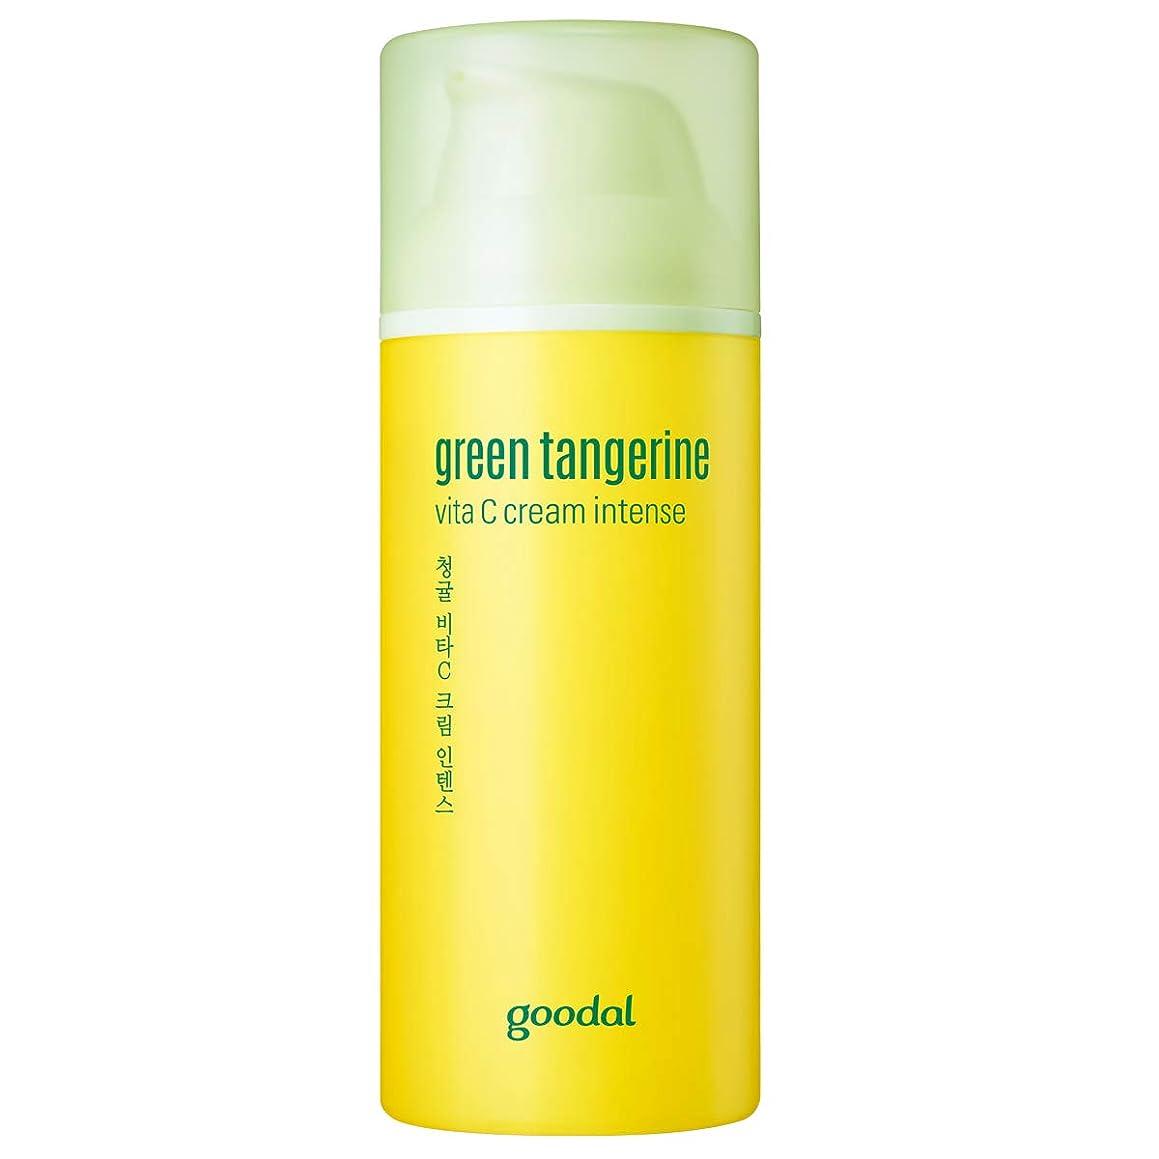 手伝う原稿ぼかしGoodal チョンギュルビタCクリームインテンスセットgreen tangeriene vita C cream intense set[並行輸入品]